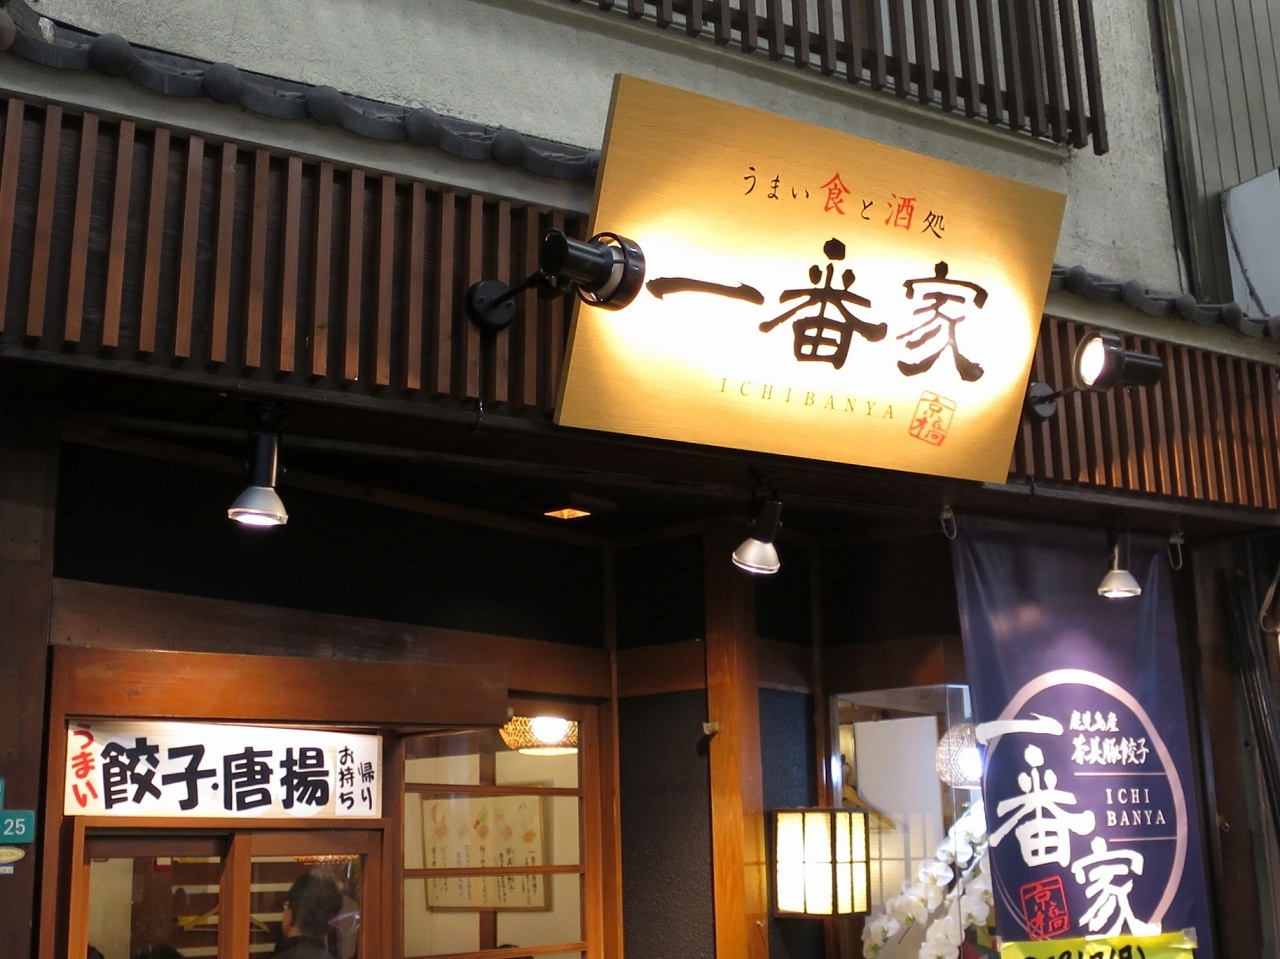 一番家 京橋